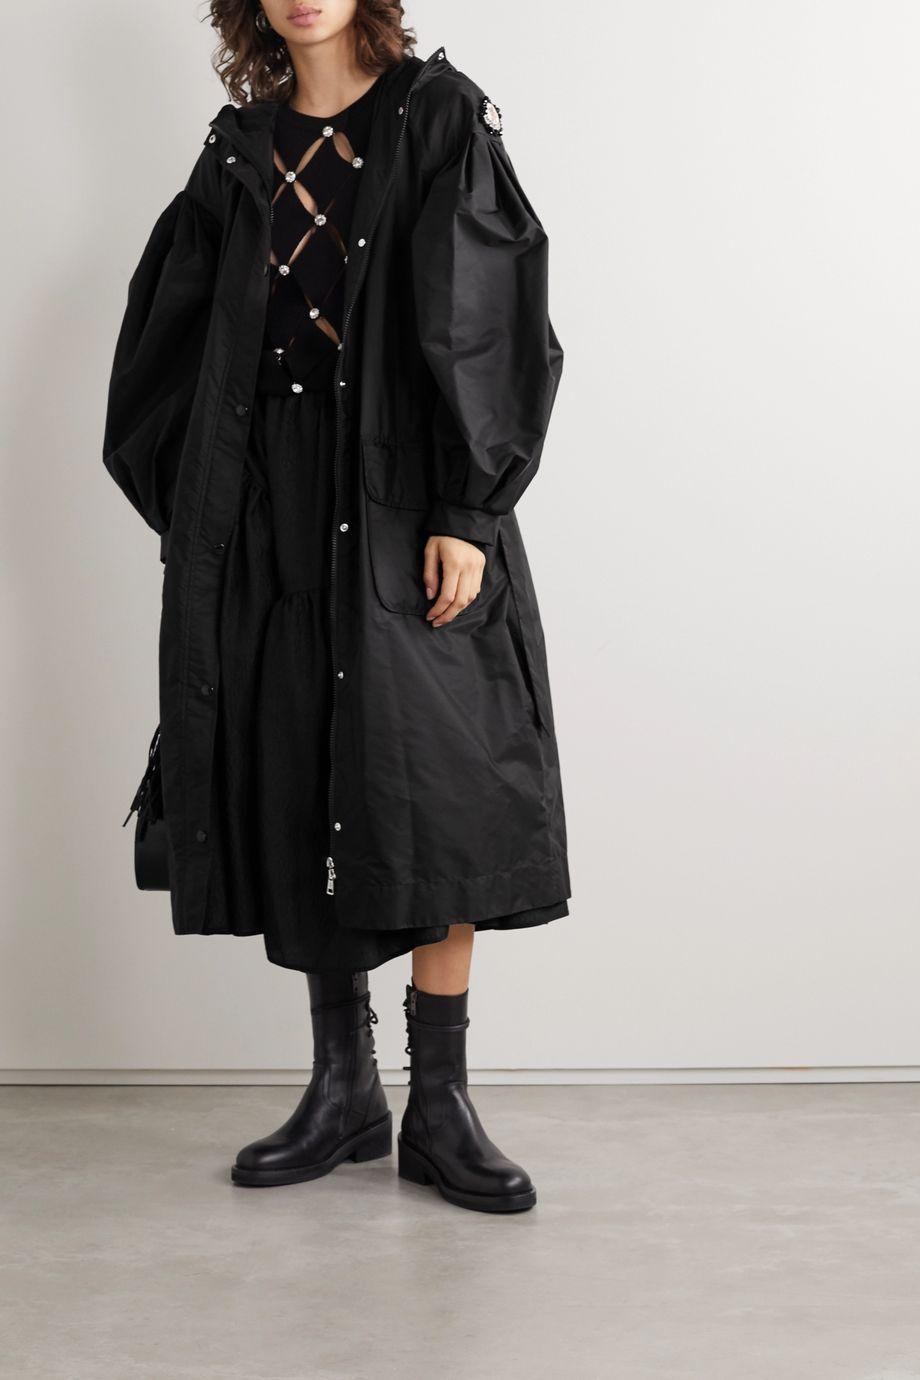 Moncler Genius + 4 Simone Rocha Eminia verzierter Mantel aus Shell mit Kapuze und Applikation